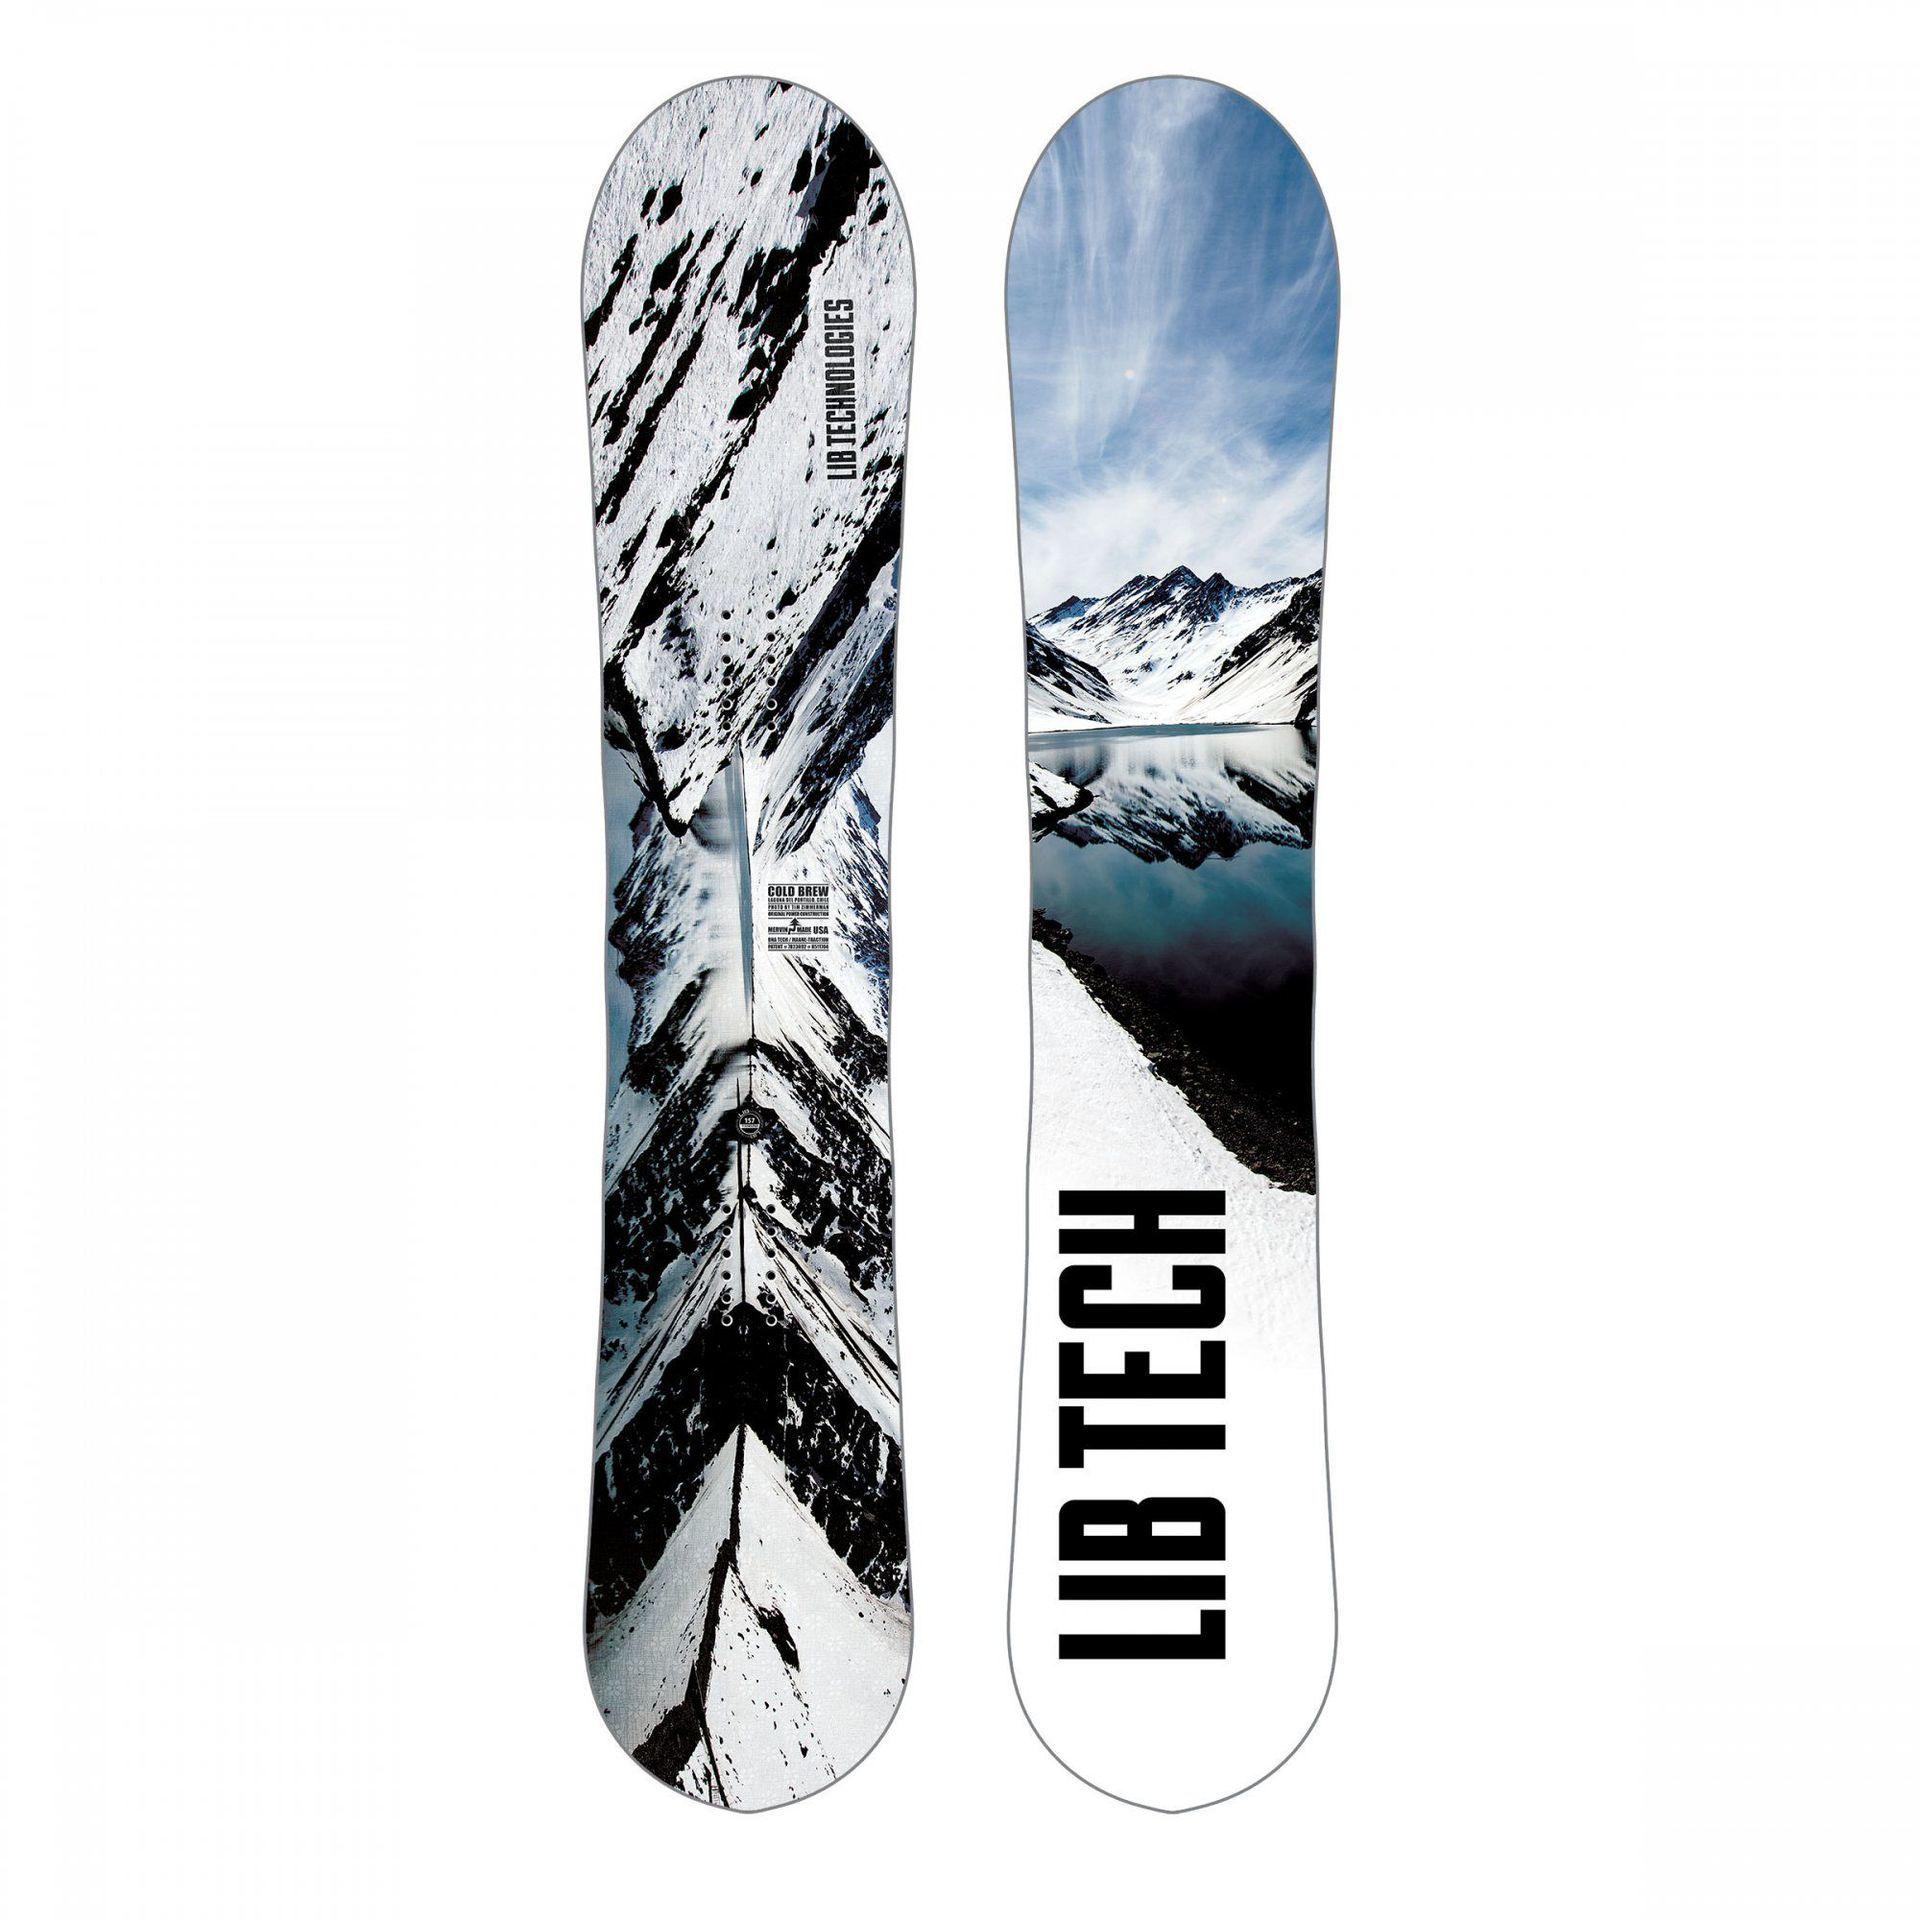 DESKA SNOWBOARDOWA LIB TECH COLD BREW 18SN027